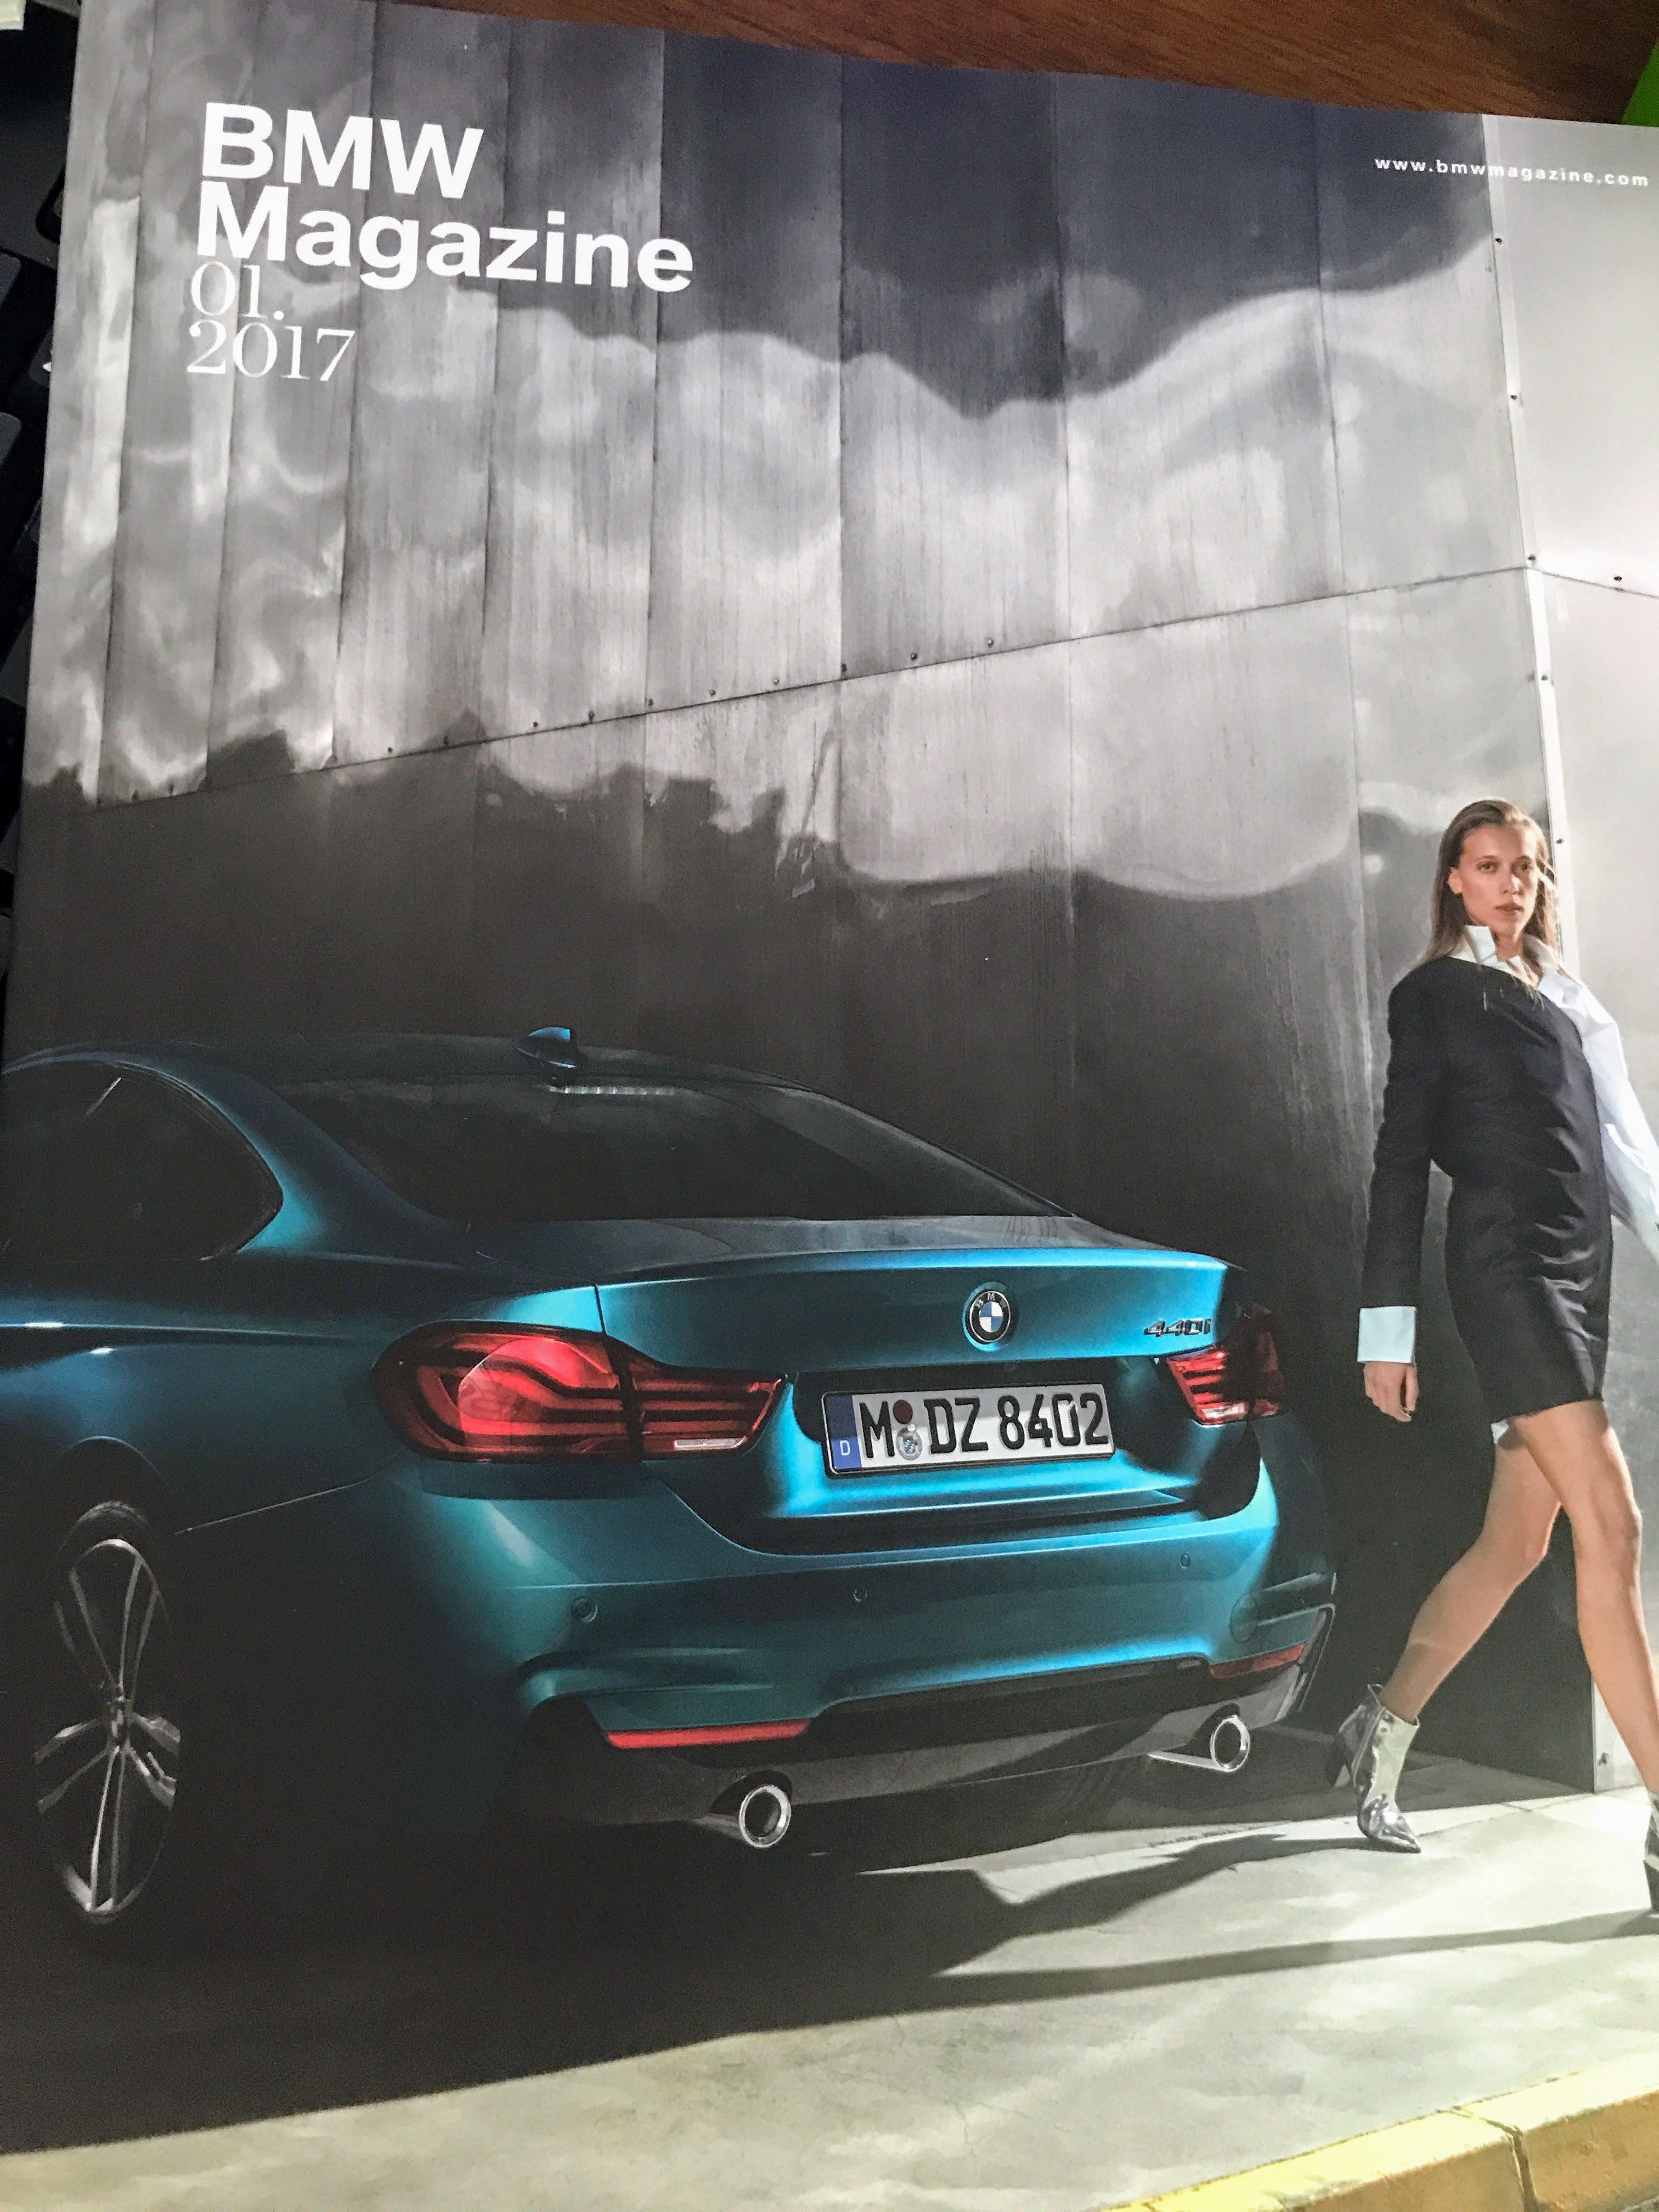 BMW M4にGoProマウントで撮影された新型4シリーズLCIのCMがカッコいい^^45秒バージョンCMもCool!!